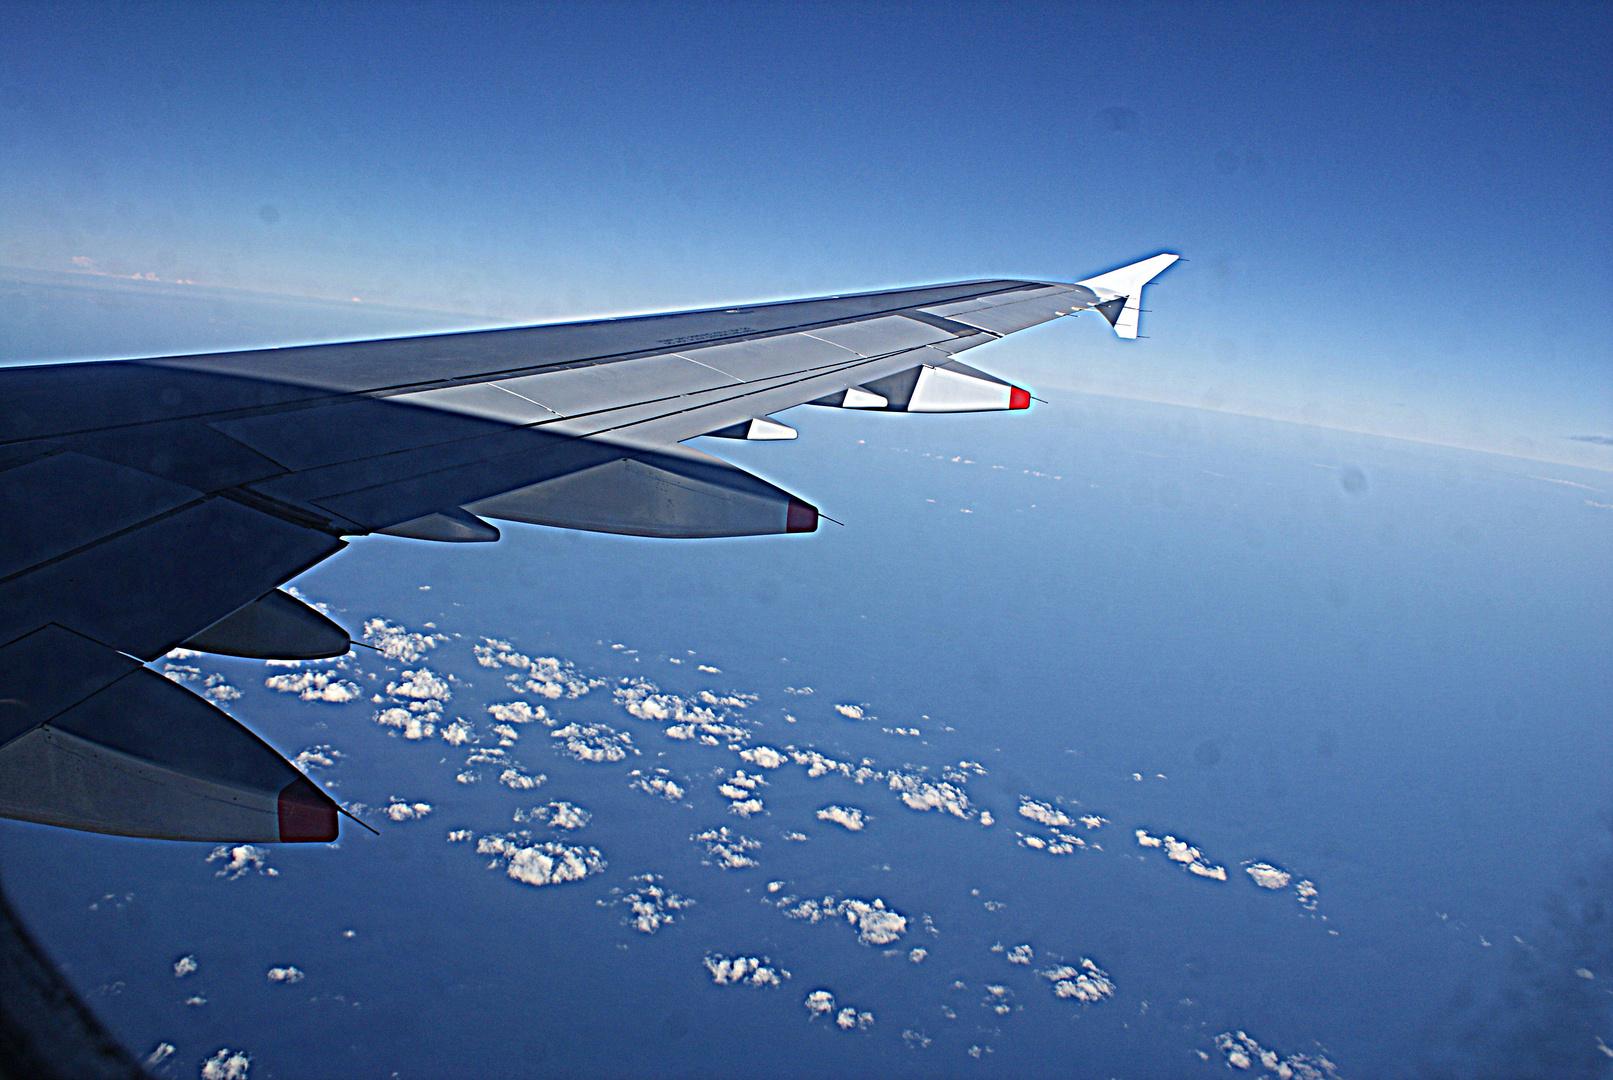 Flug nach Palma de Mallorca